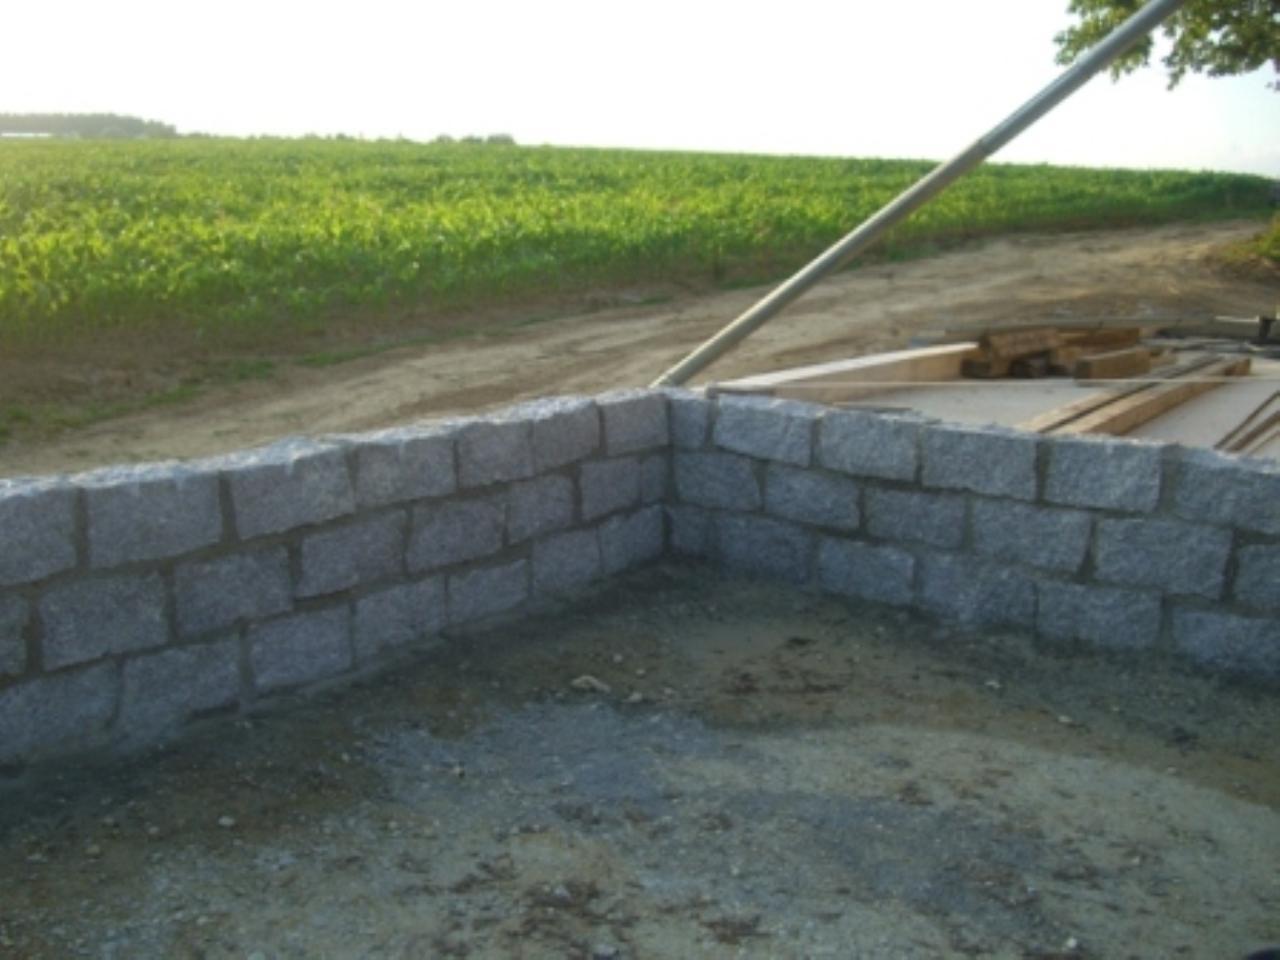 kleine granitsteinmauer - fundament? | bauforum auf energiesparhaus.at